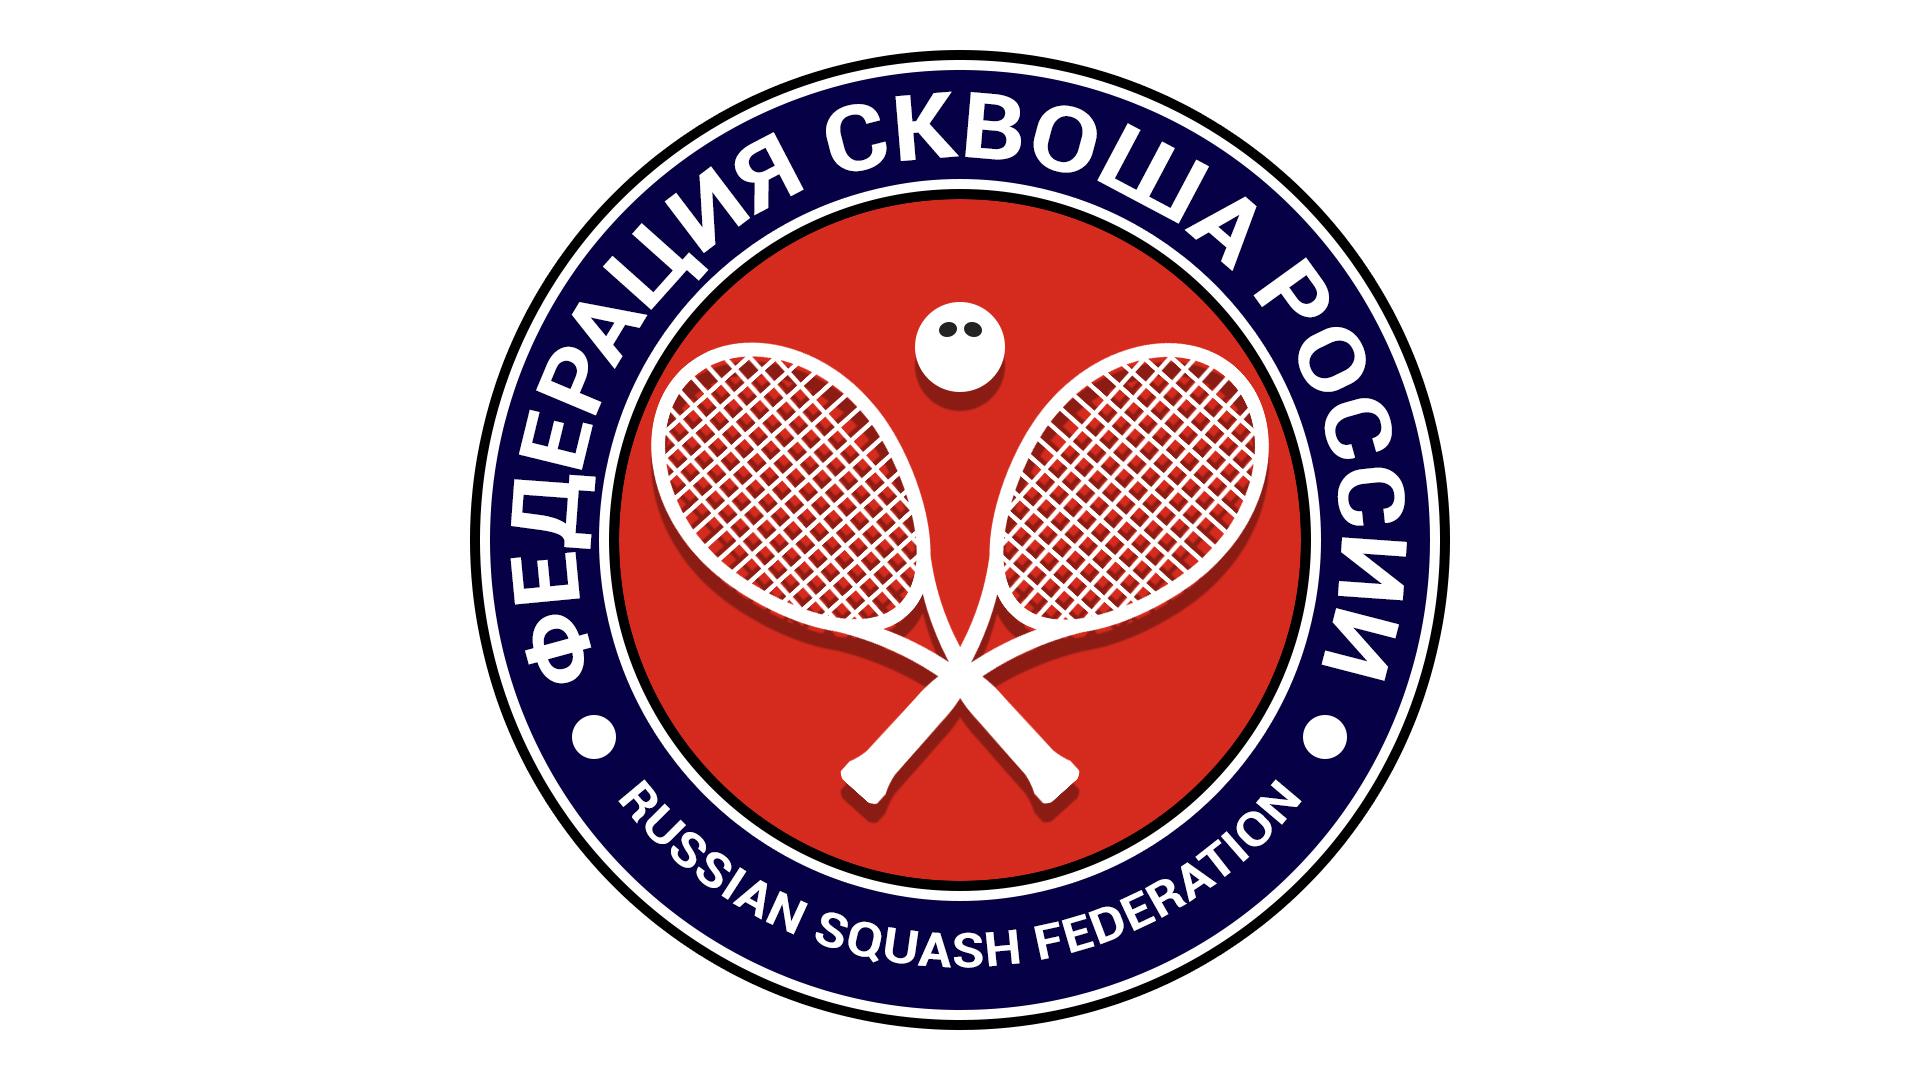 Разработать логотип для Федерации сквоша России фото f_7815f30842321f79.jpg